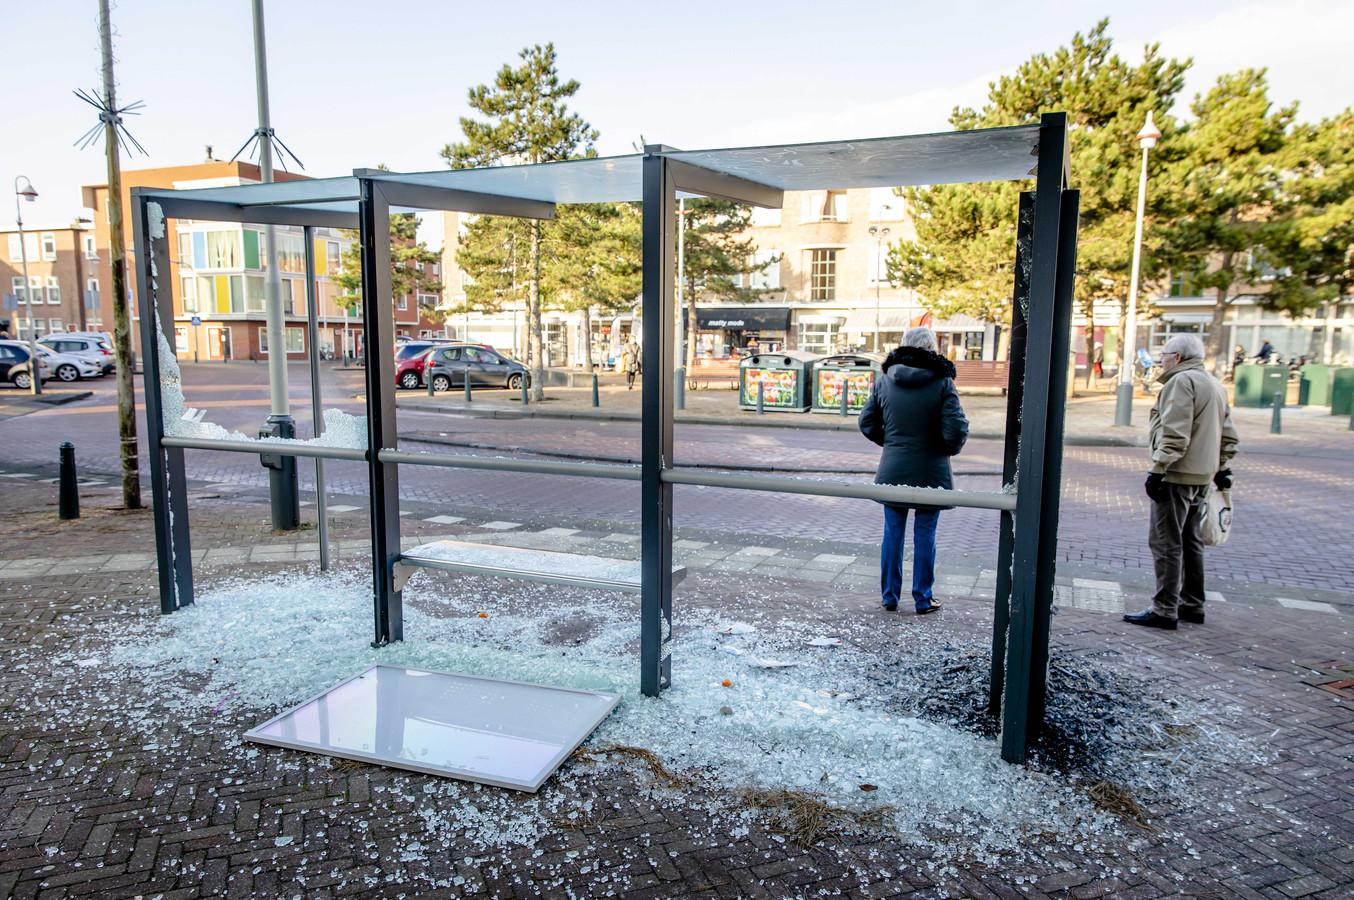 Schade aan een bushalte.